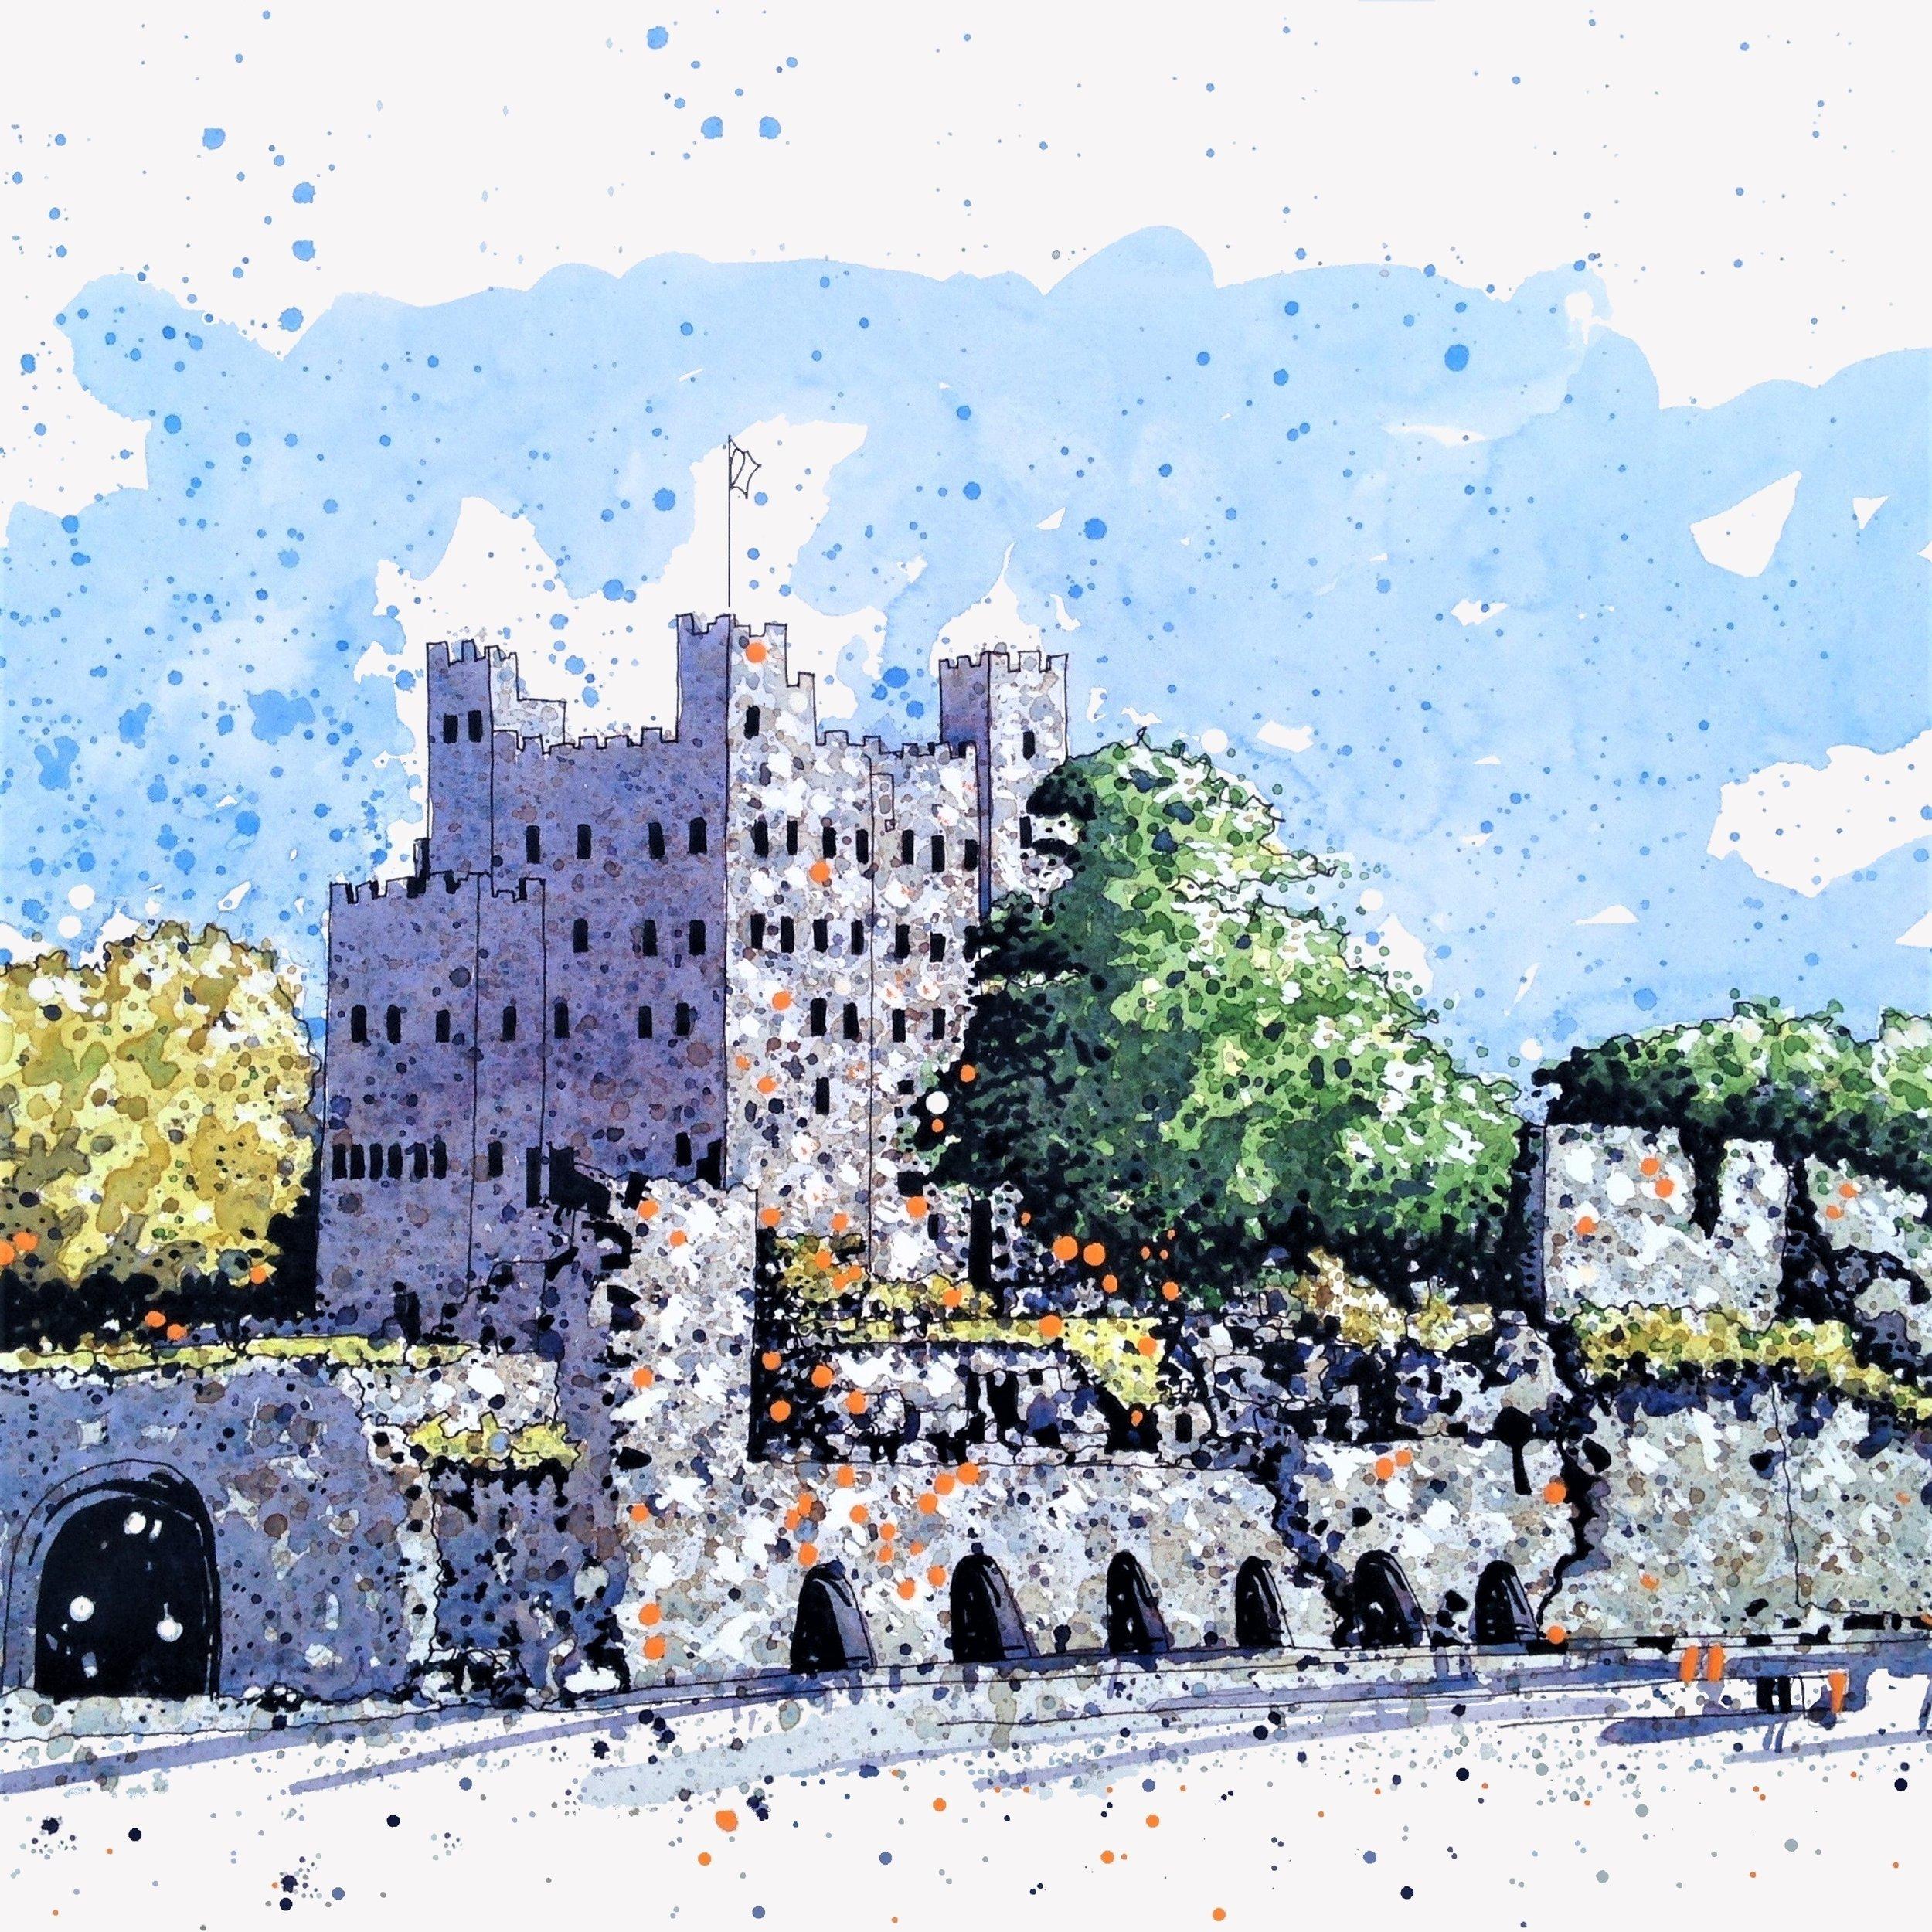 Rochester Castle Final Square Image E(25-50-50).jpg